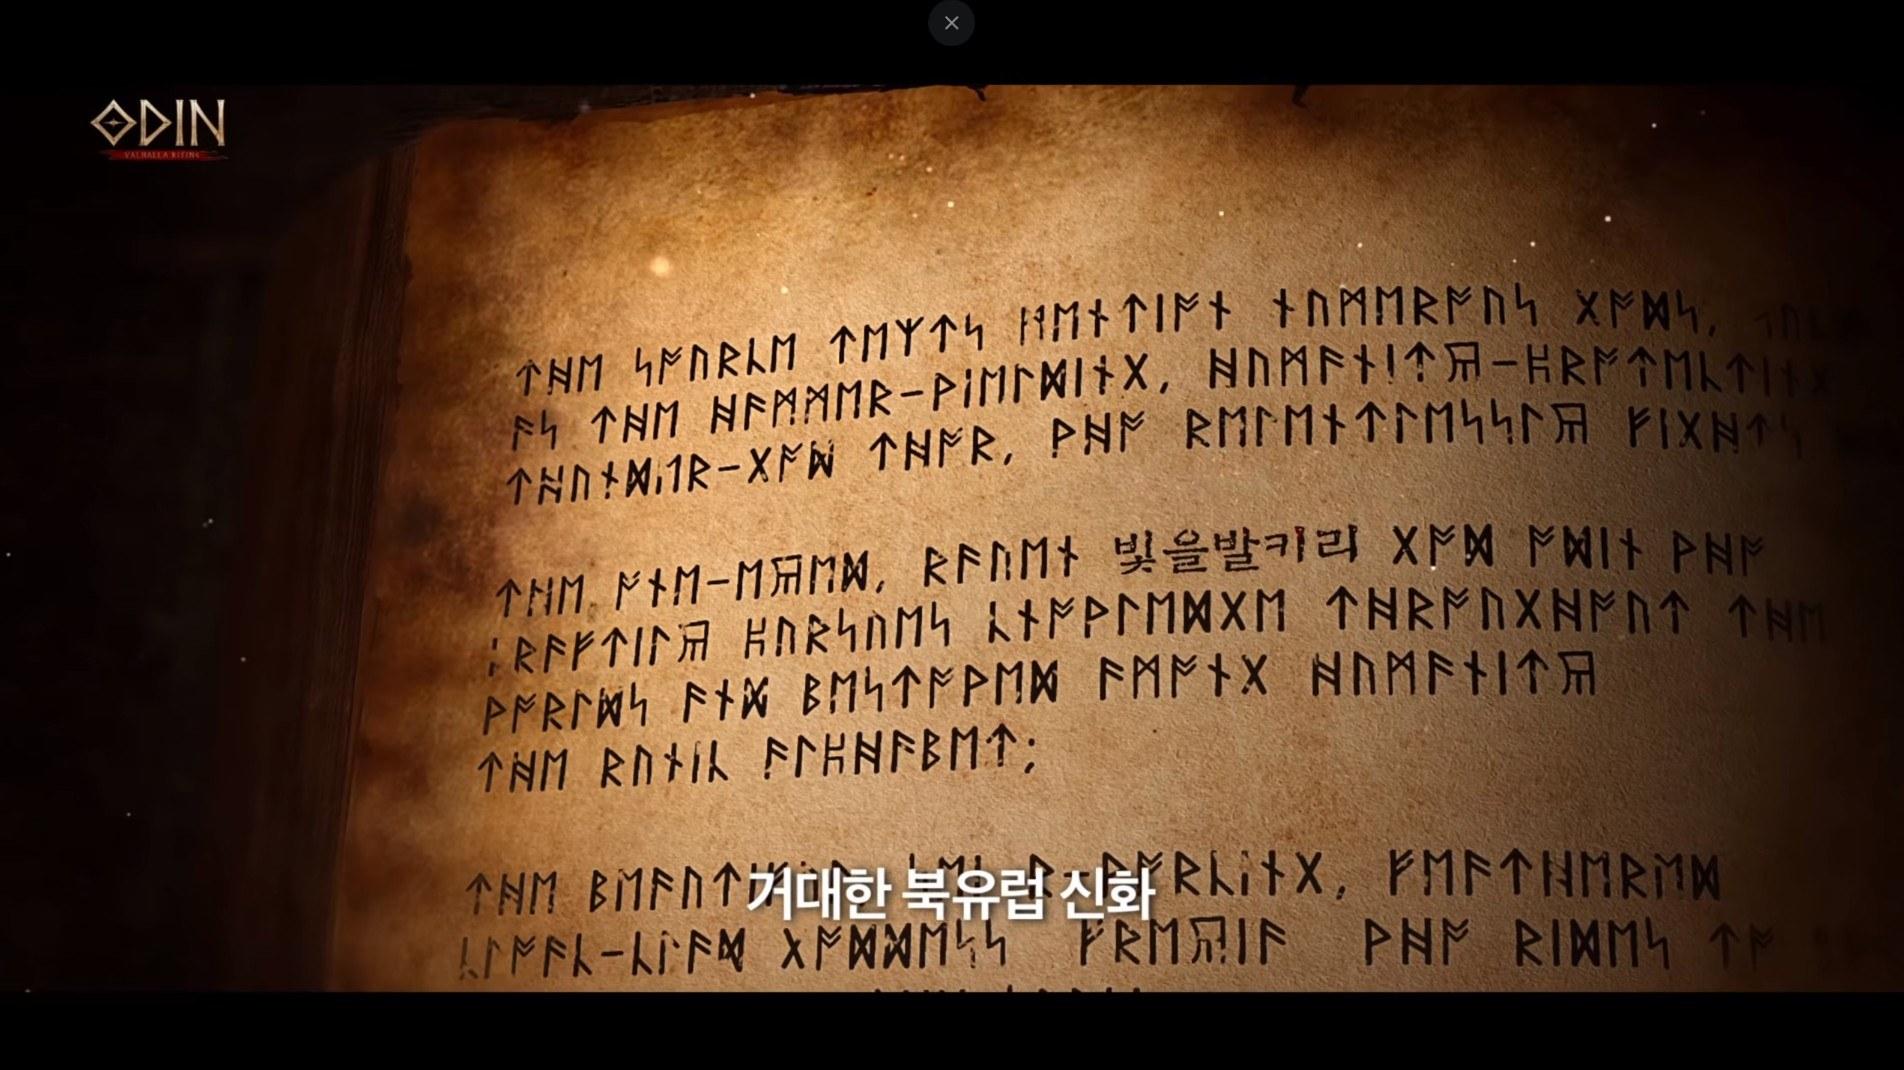 오딘: 발할라 라이징 사전 캐릭터명 선점 일정 공개, 블루스택 앱플레이어와 함께 PC로 즐길 준비도 빠르게 진행해봐요!